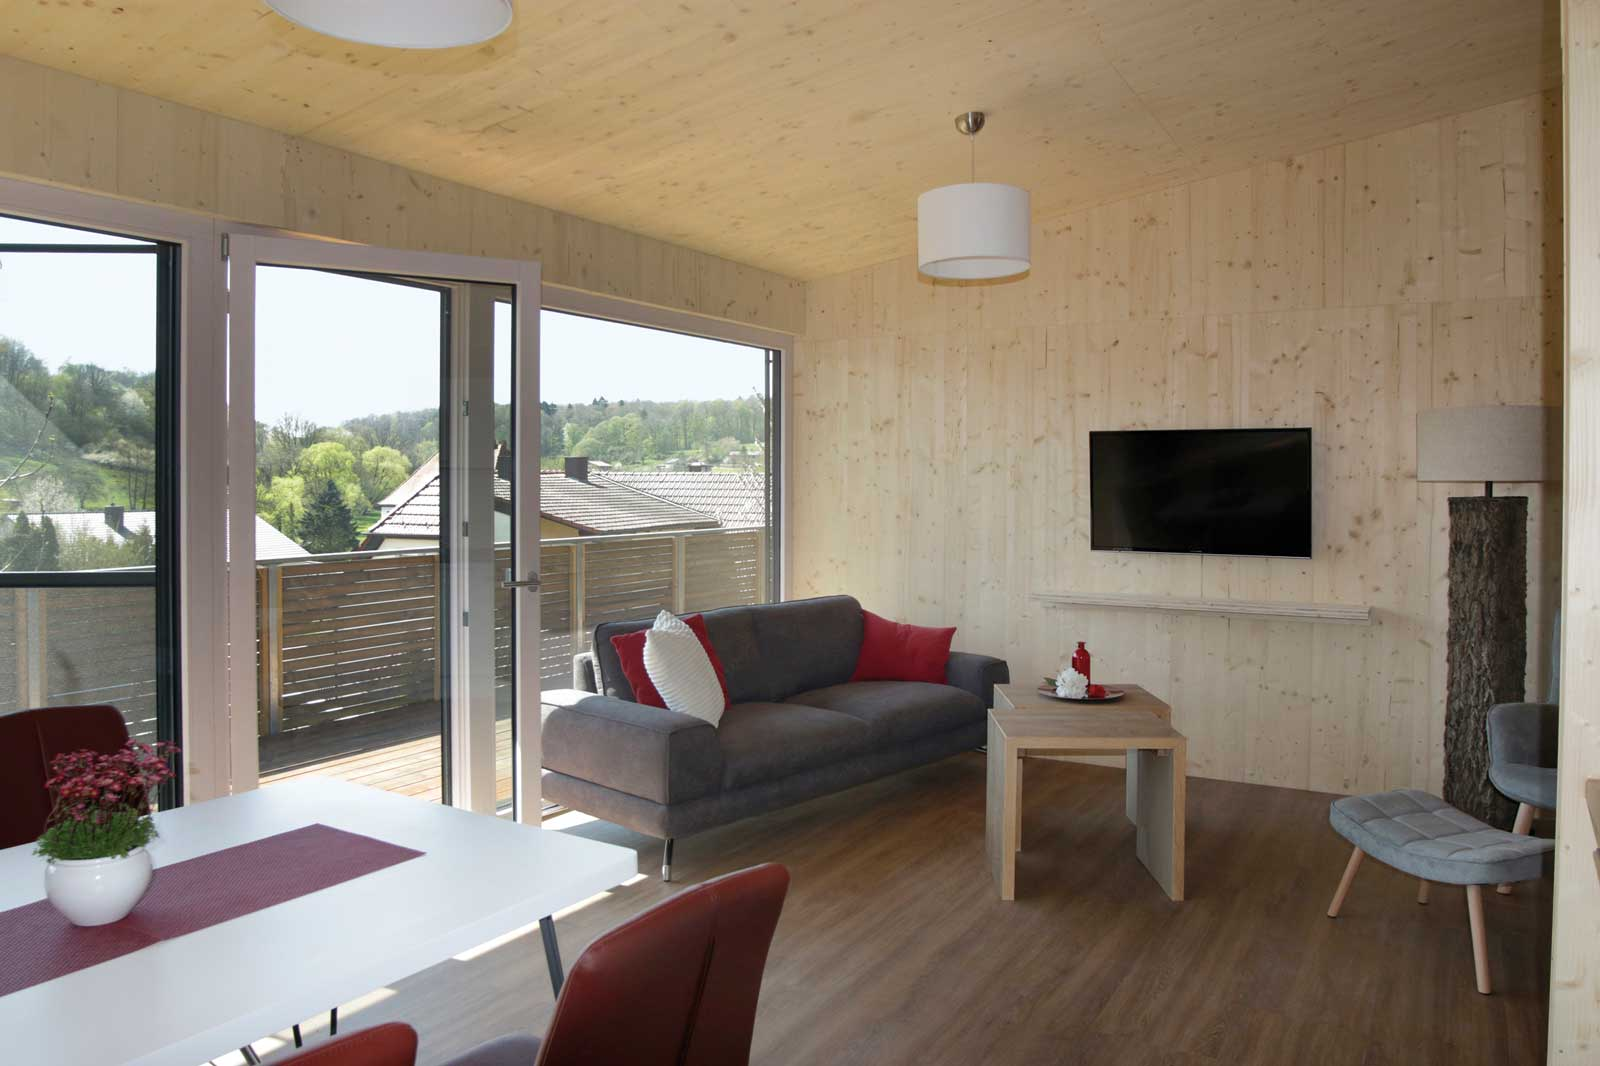 Der gemütliche Wohnbereich in den Steigerwald Apartmens – Ferienwohnungen im Herzen Frankens.